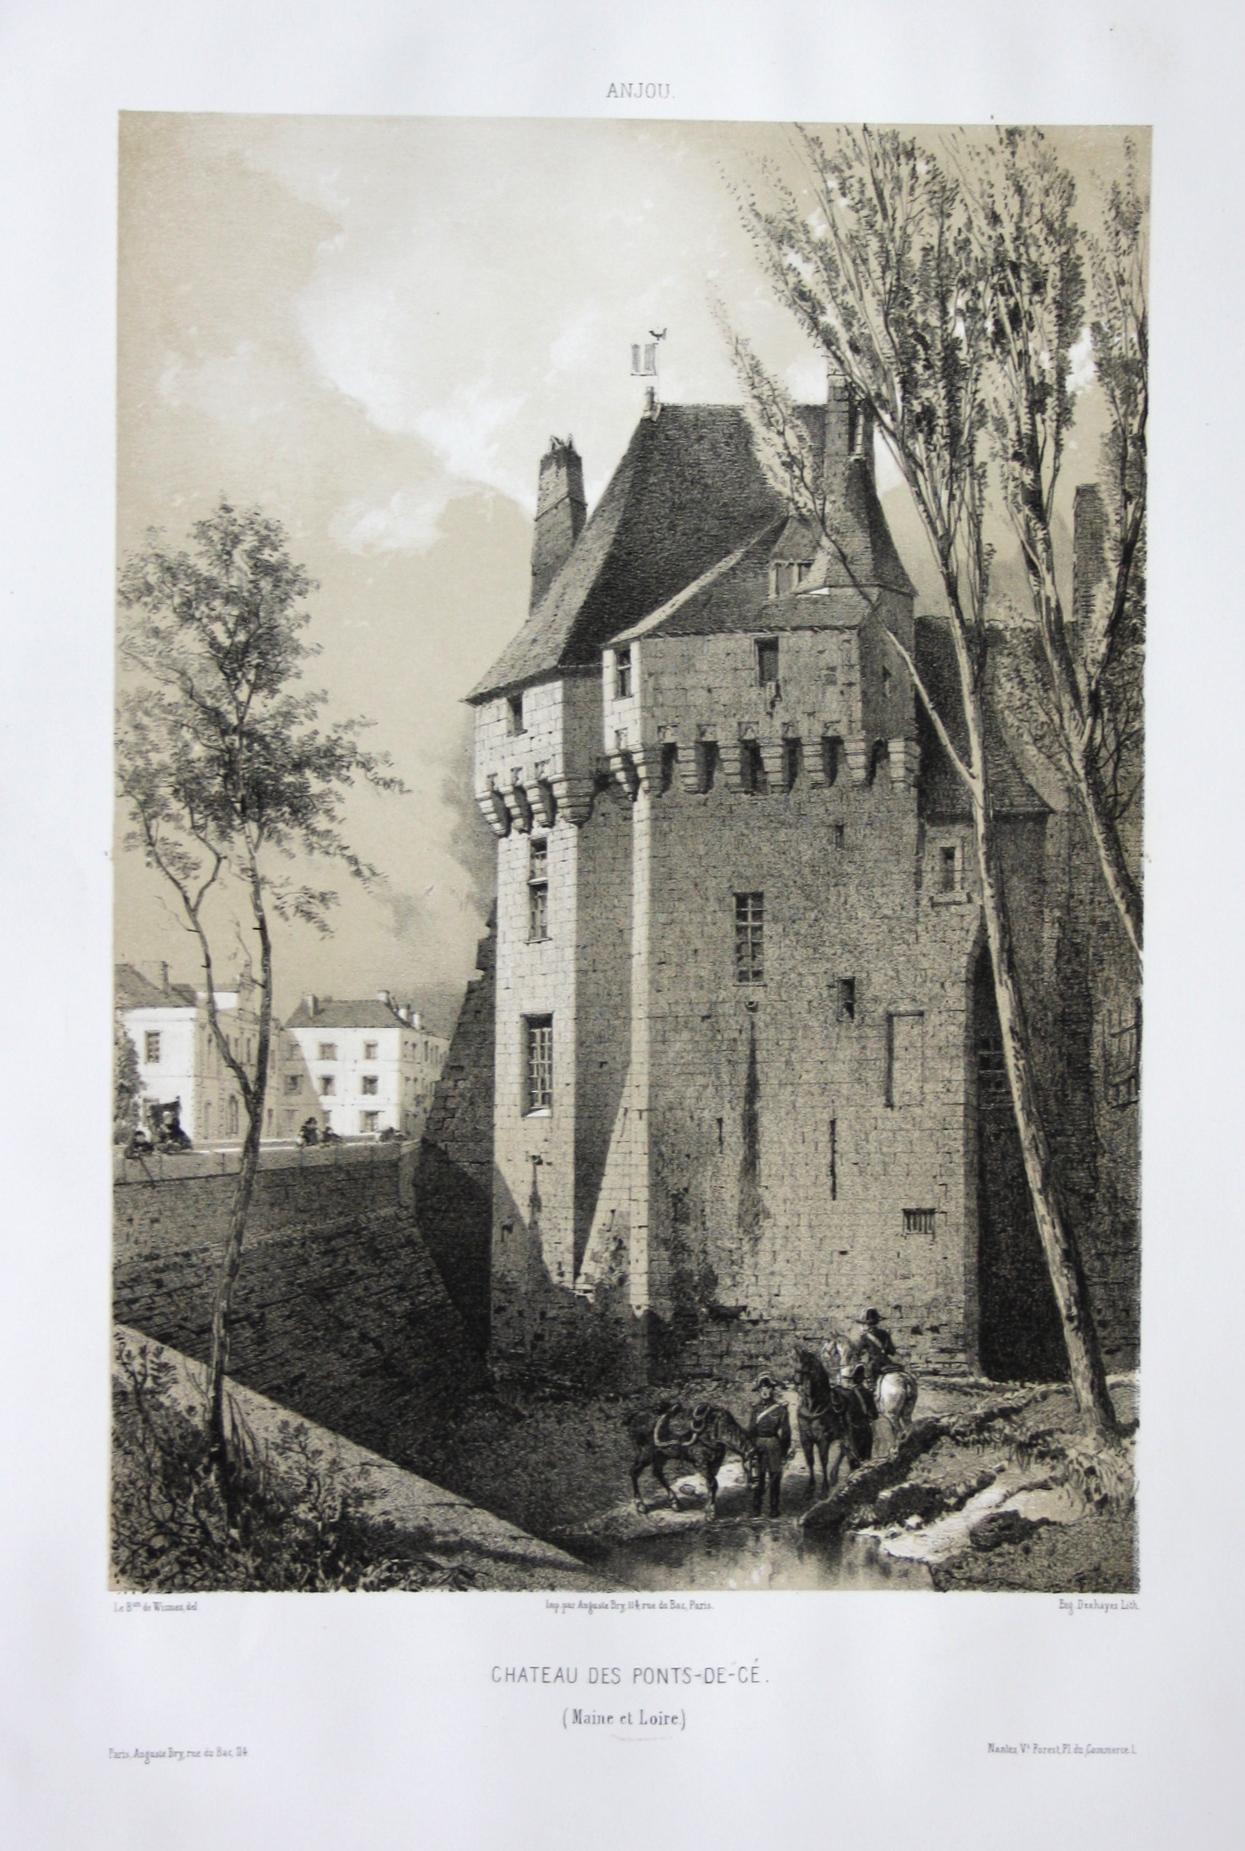 Chateau des Ponts-de-Ce / Maine et Loire: Wismes, Olivier de